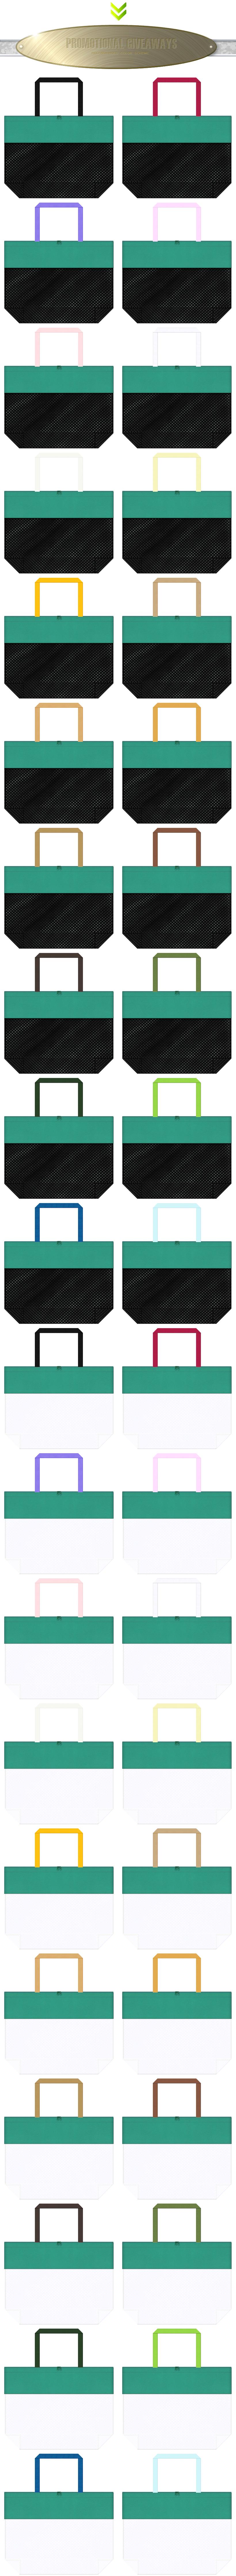 黒色メッシュ・白色メッシュと青緑色の不織布をメインに使用した、台形型メッシュバッグのカラーシミュレーション